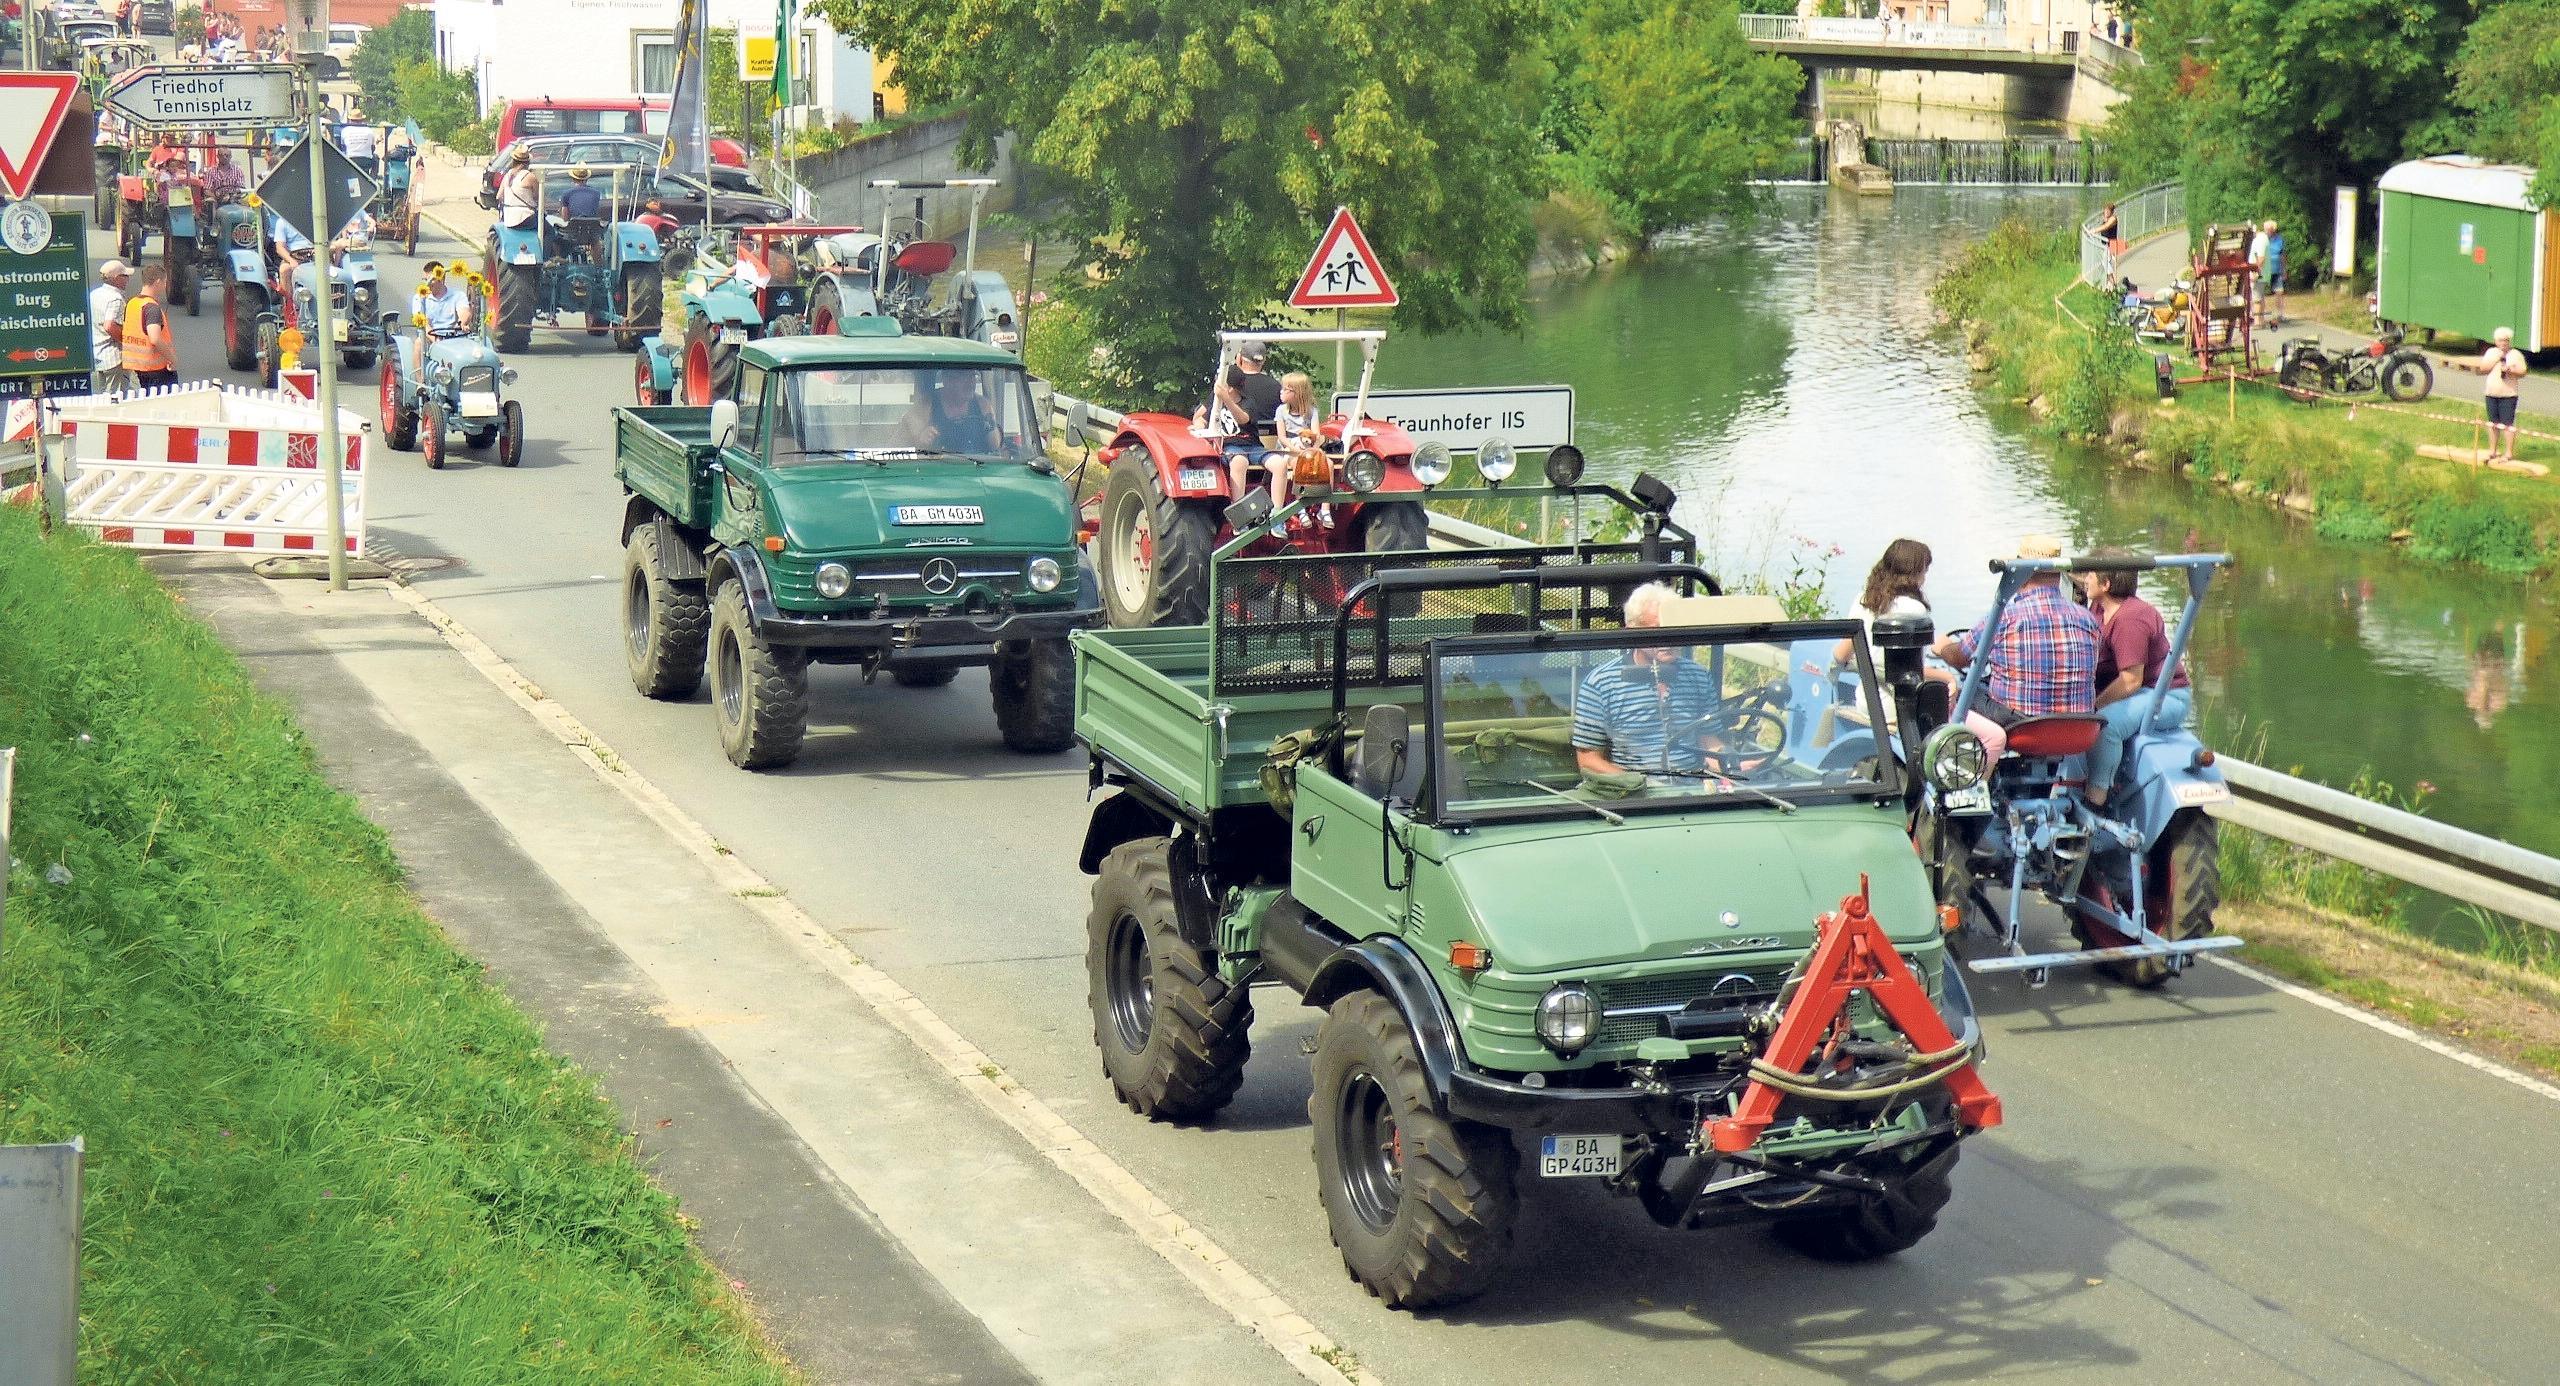 Insgesamt nahmen im vergangenen Jahr 215 Traktoren und Unimogs an der Rundfahrt teil.